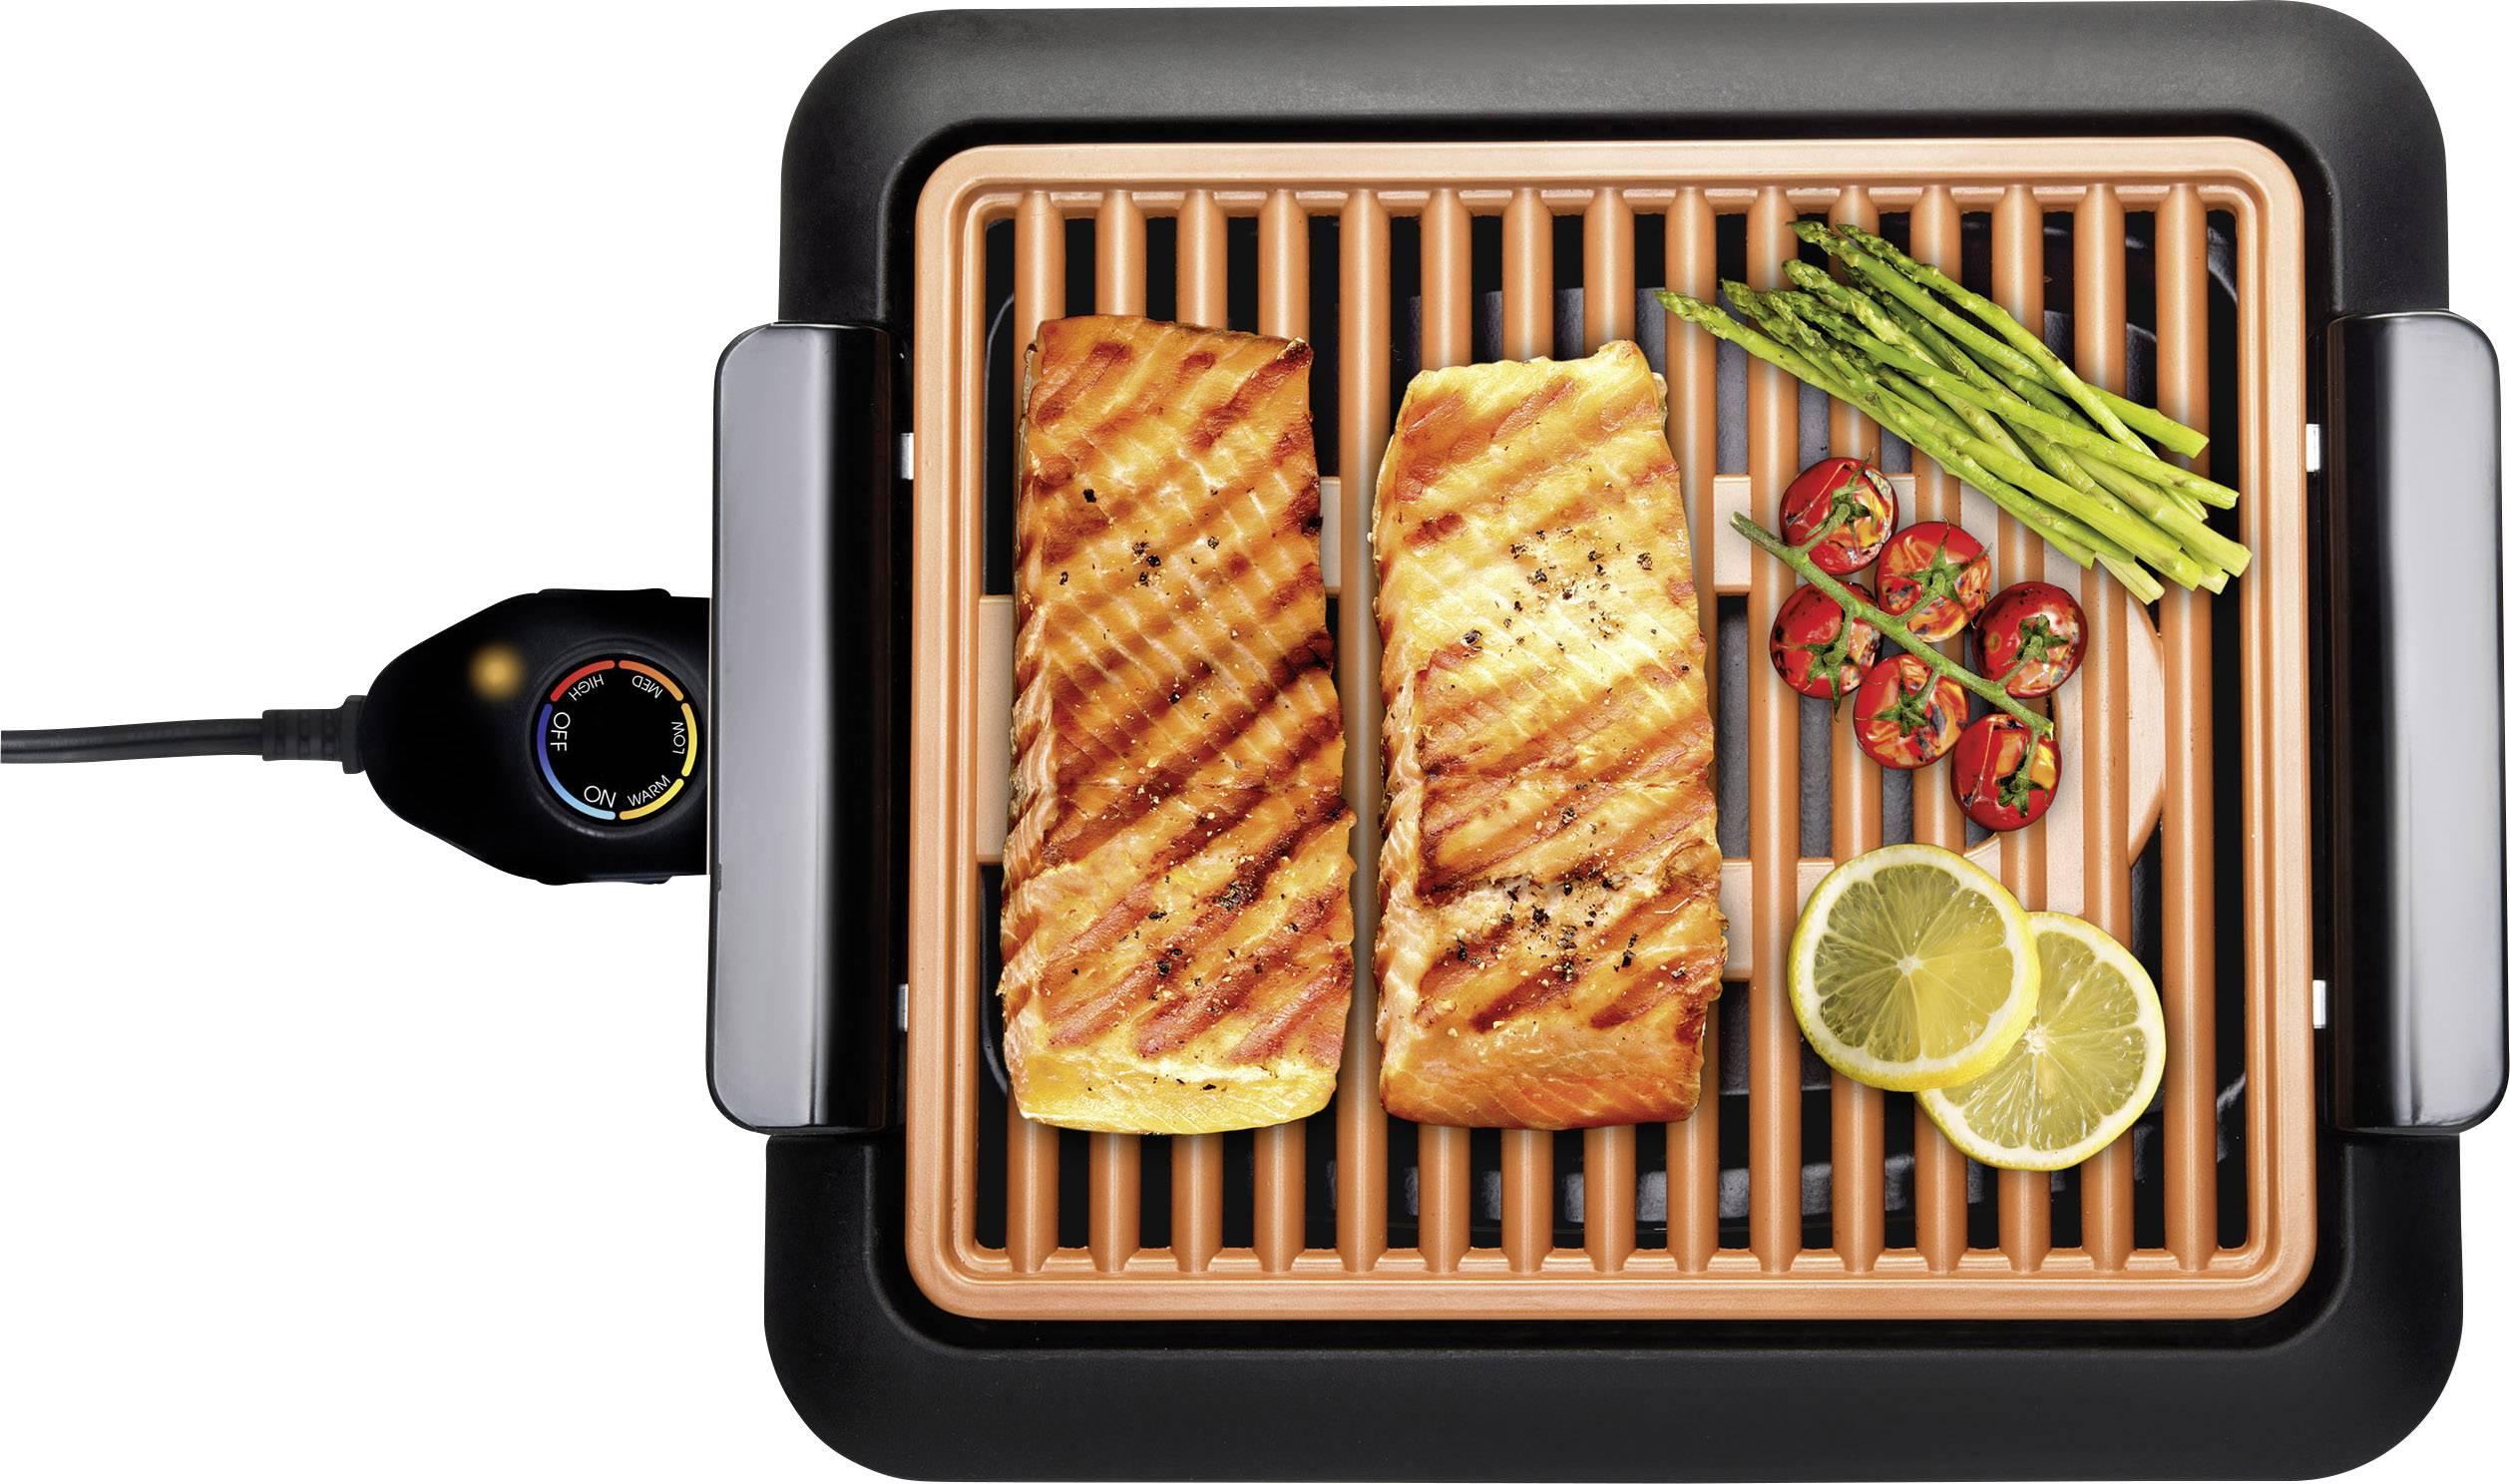 Tisch Holzkohlegrill Für Innen : Mediashop livington smokless grill elektro tisch grill kaufen